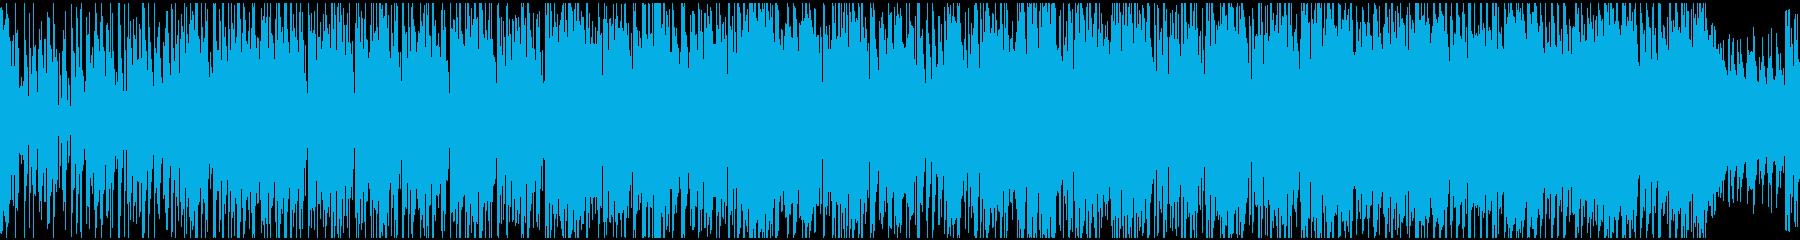 疾走感あるオシャレギターの再生済みの波形